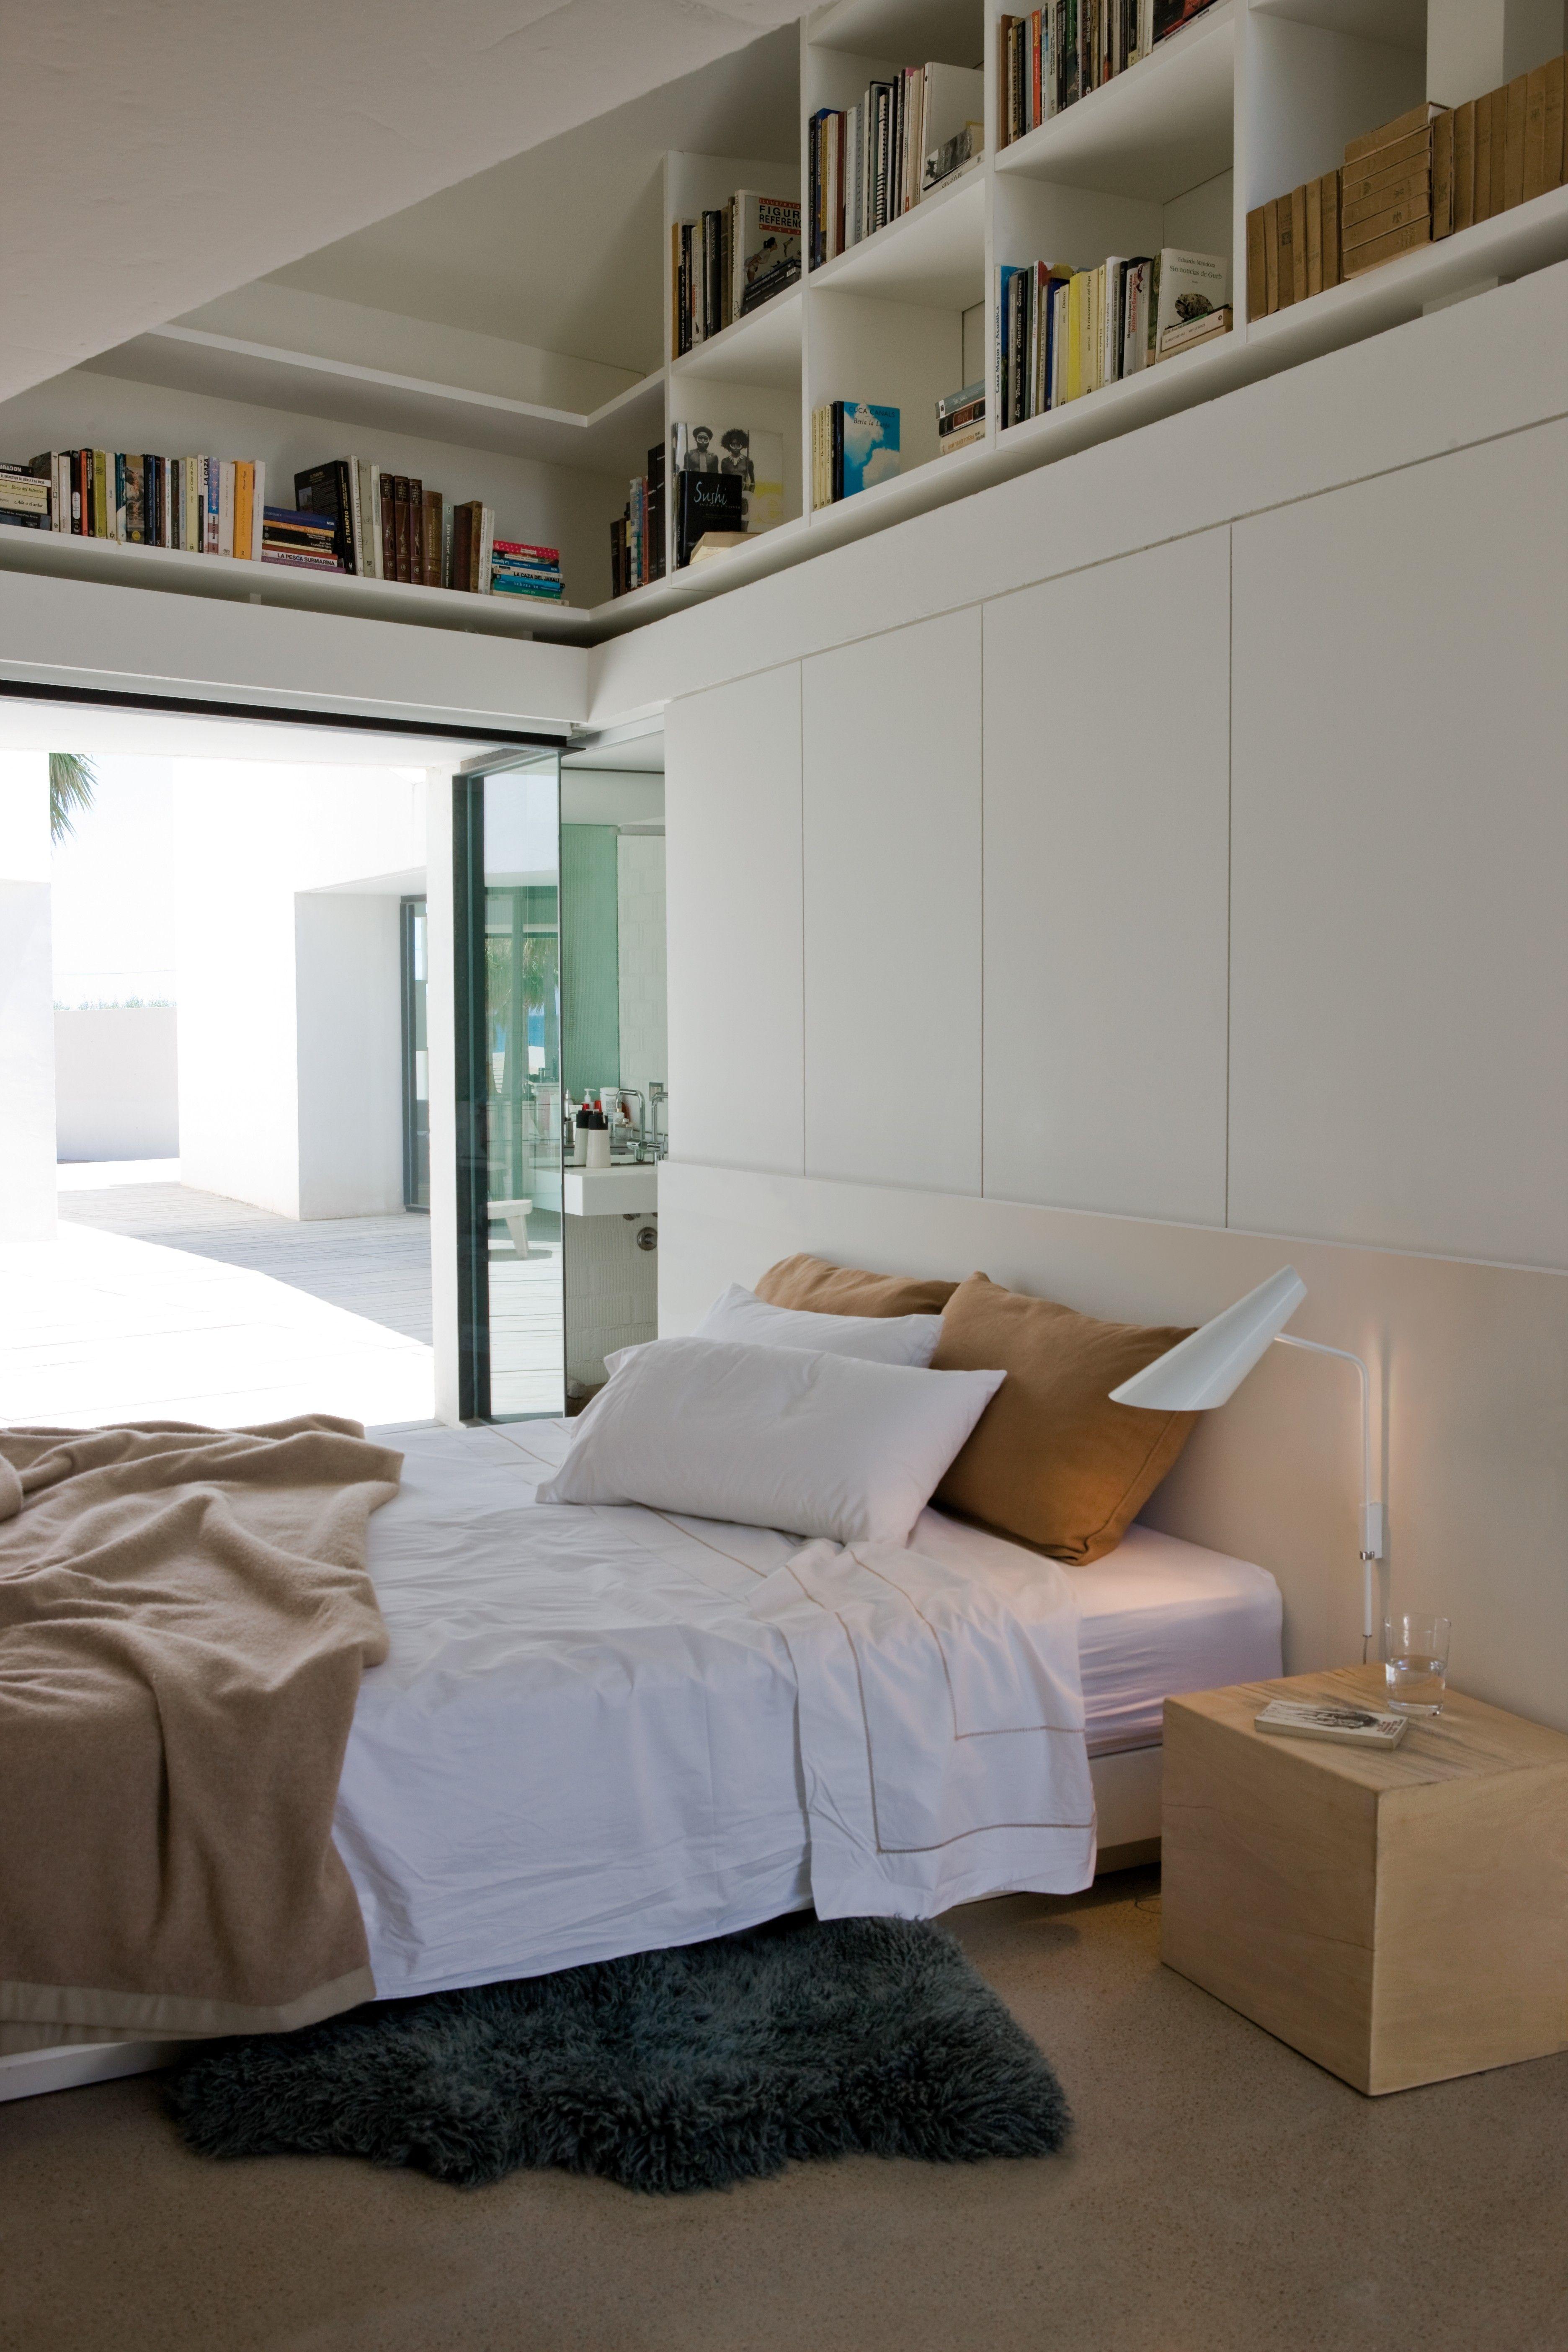 vibia icono 0725 weiß glänzend  kleines schlafzimmer